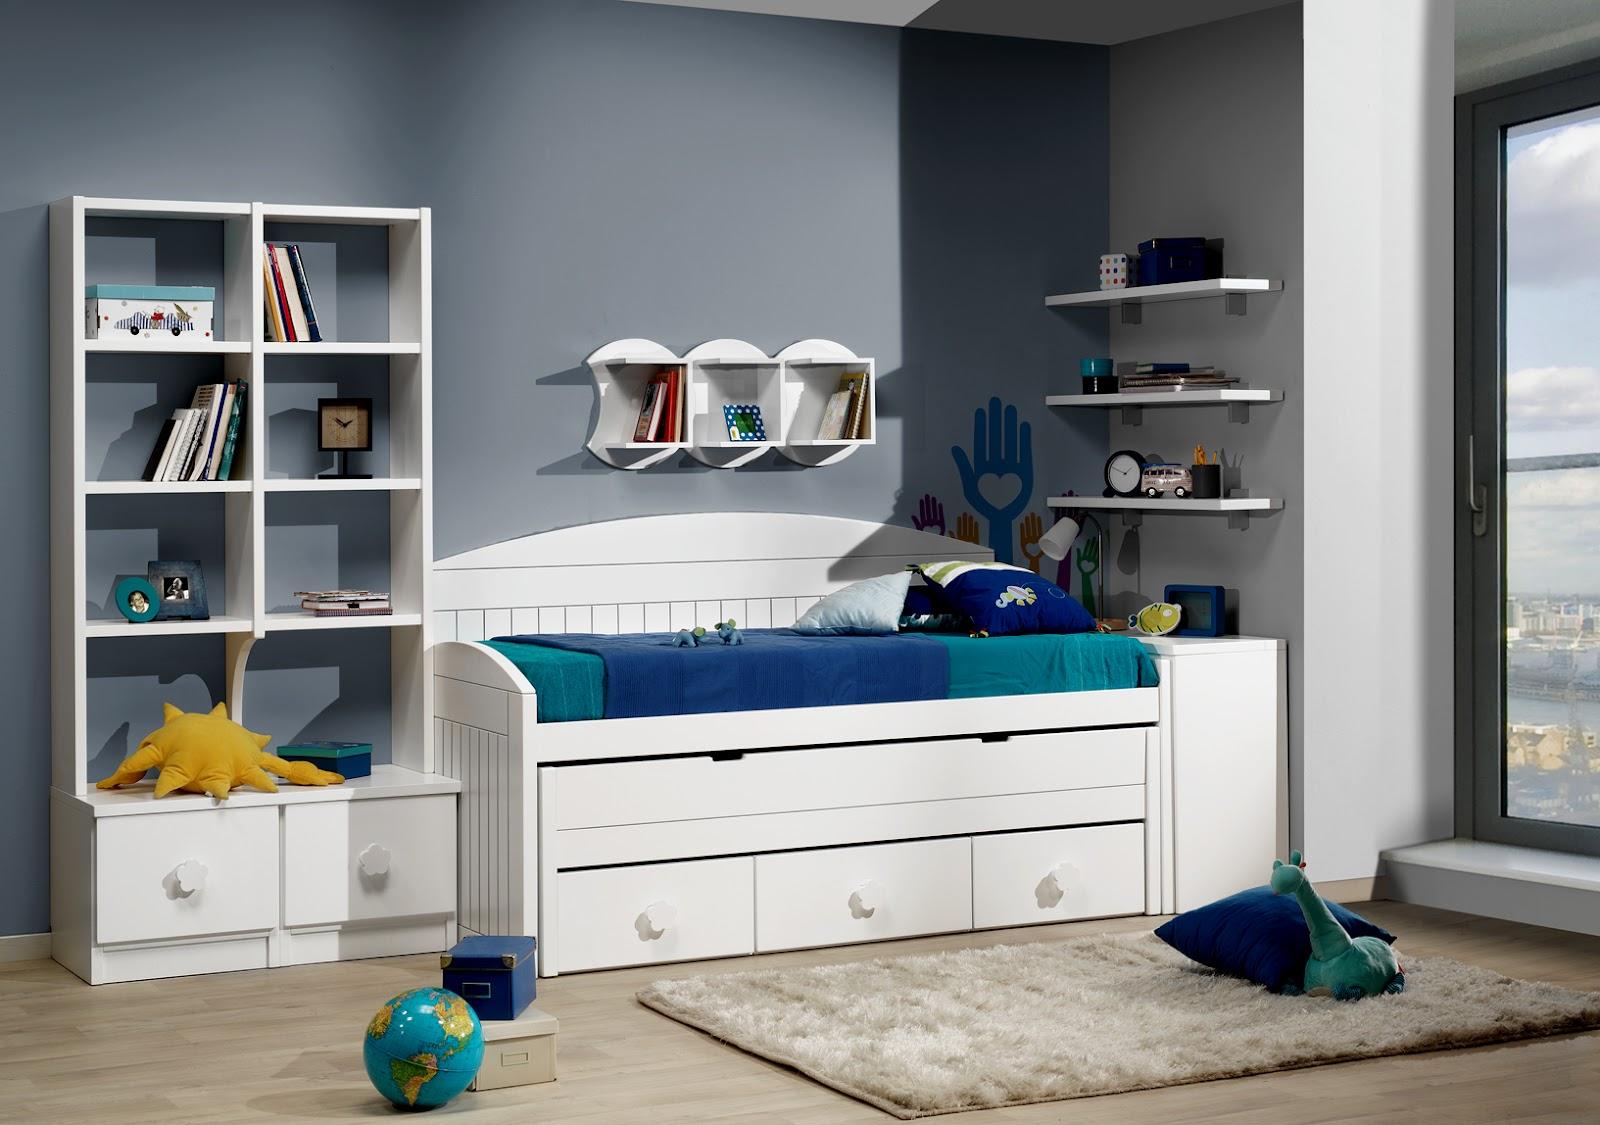 Dormitorios Infantiles Y Juveniles Of Dormitorios Habitaciones Juveniles E Infantiles Lacadas